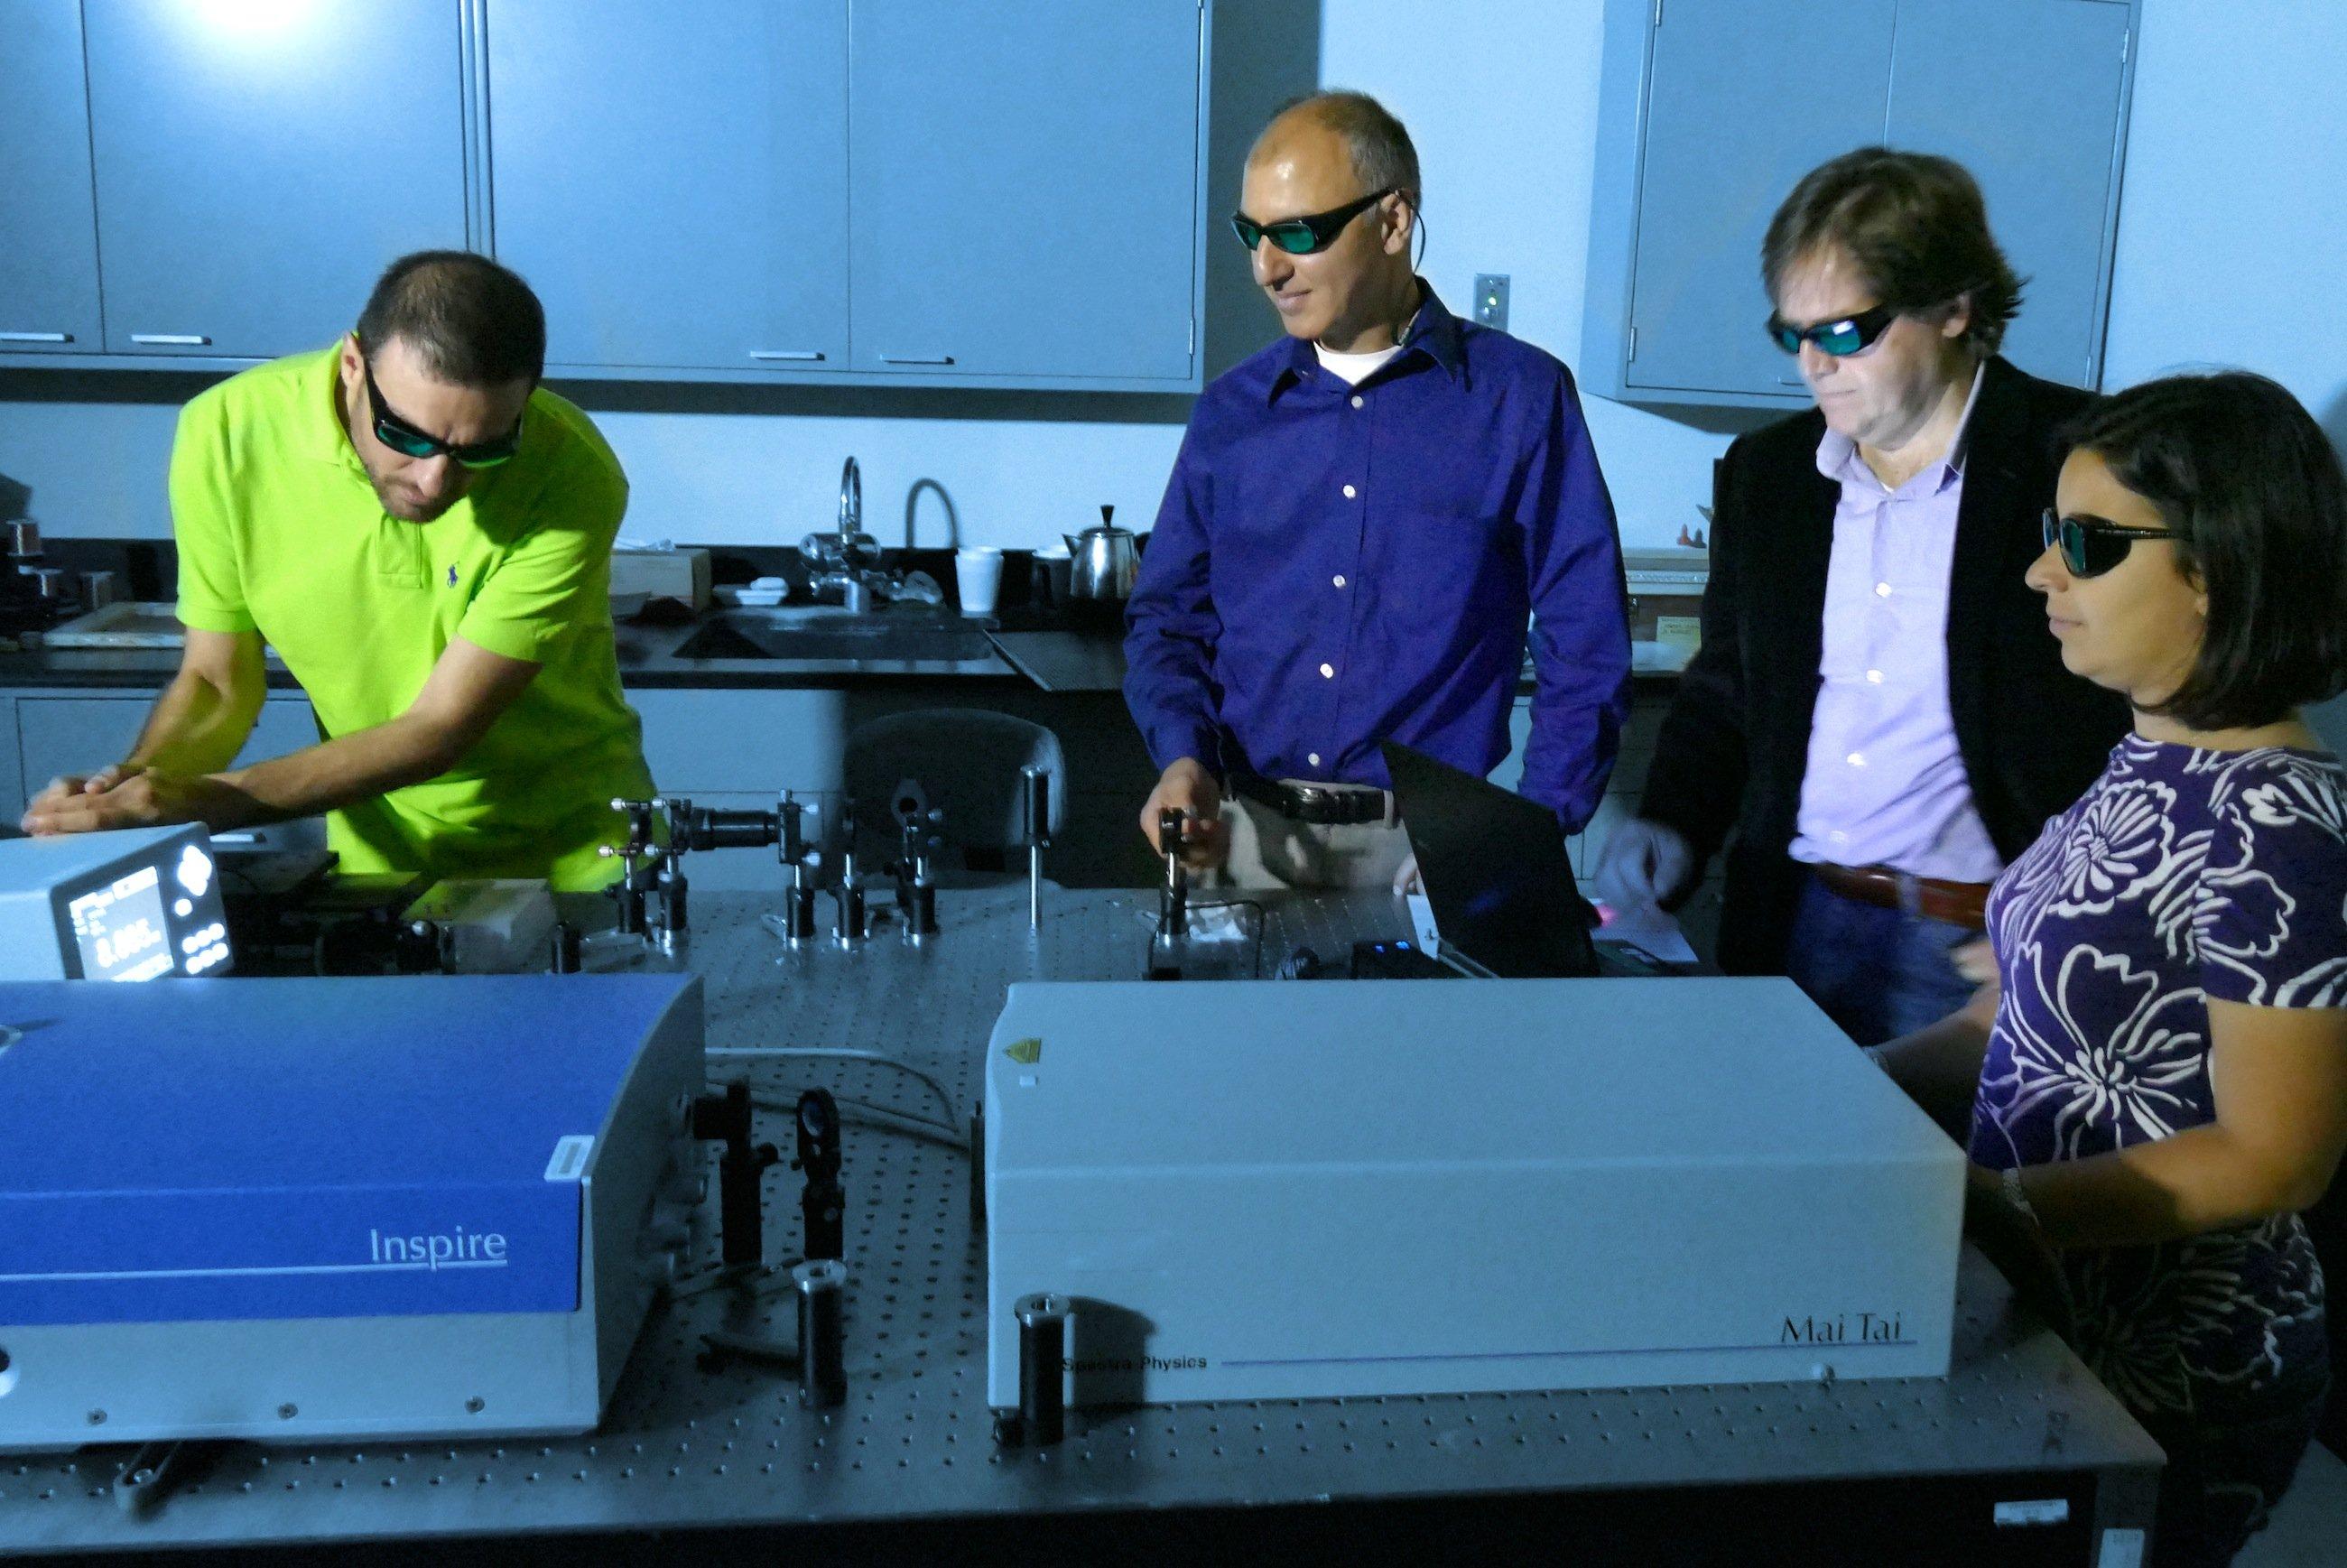 Die US-Forscher Domenico de Ceglia, Neset Akozbek, Dr. Michael Scalora und Maria Antonietta Vincenti (v.l.n.r.) testen die neuartigen Solarzellen, die 1000 mal dünner als ein Platt Papier sein sollen.